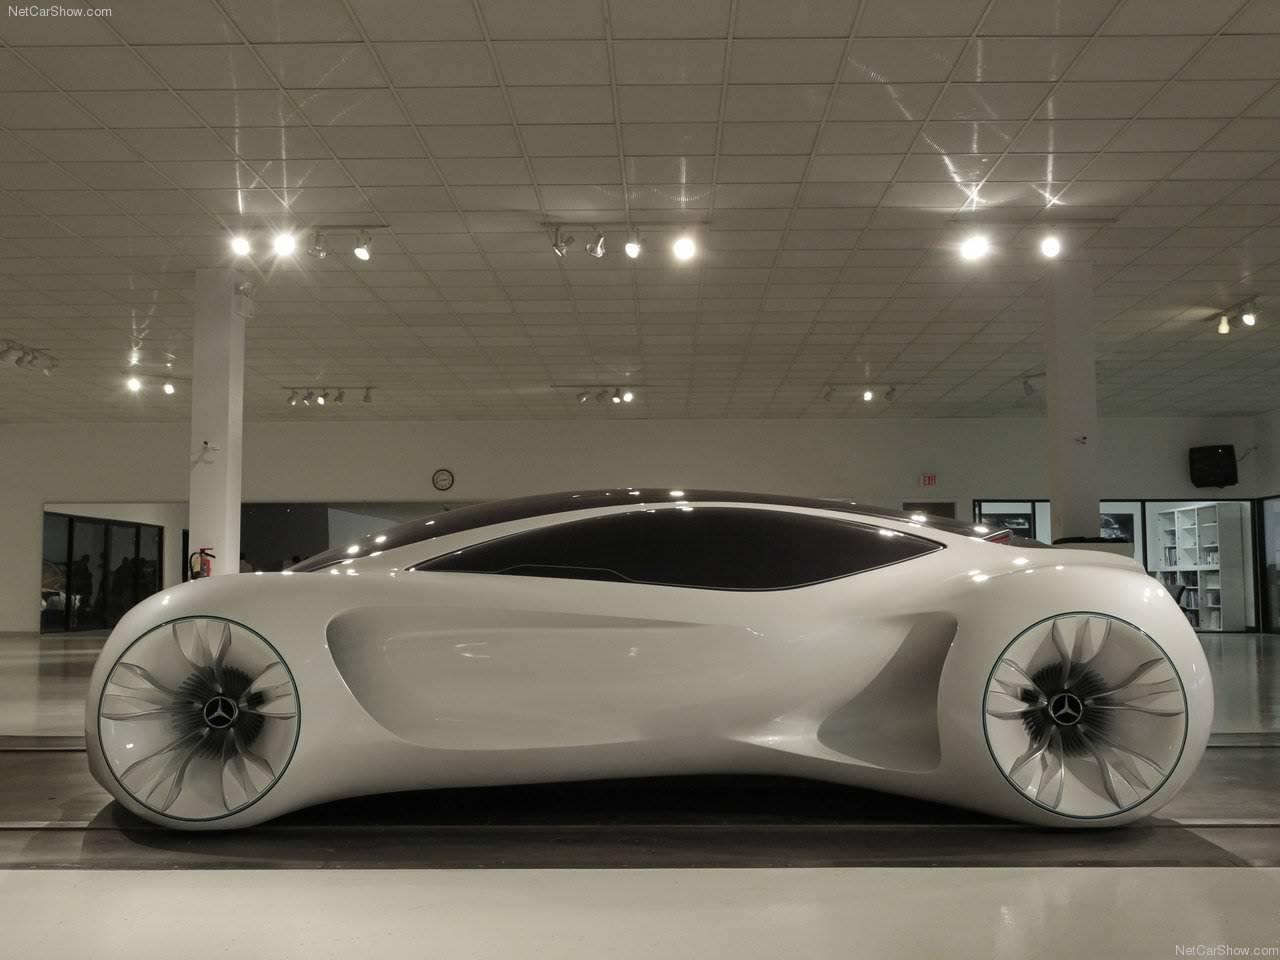 2010 Mercedes Benz Biome Concept Mercedes Benz Cars